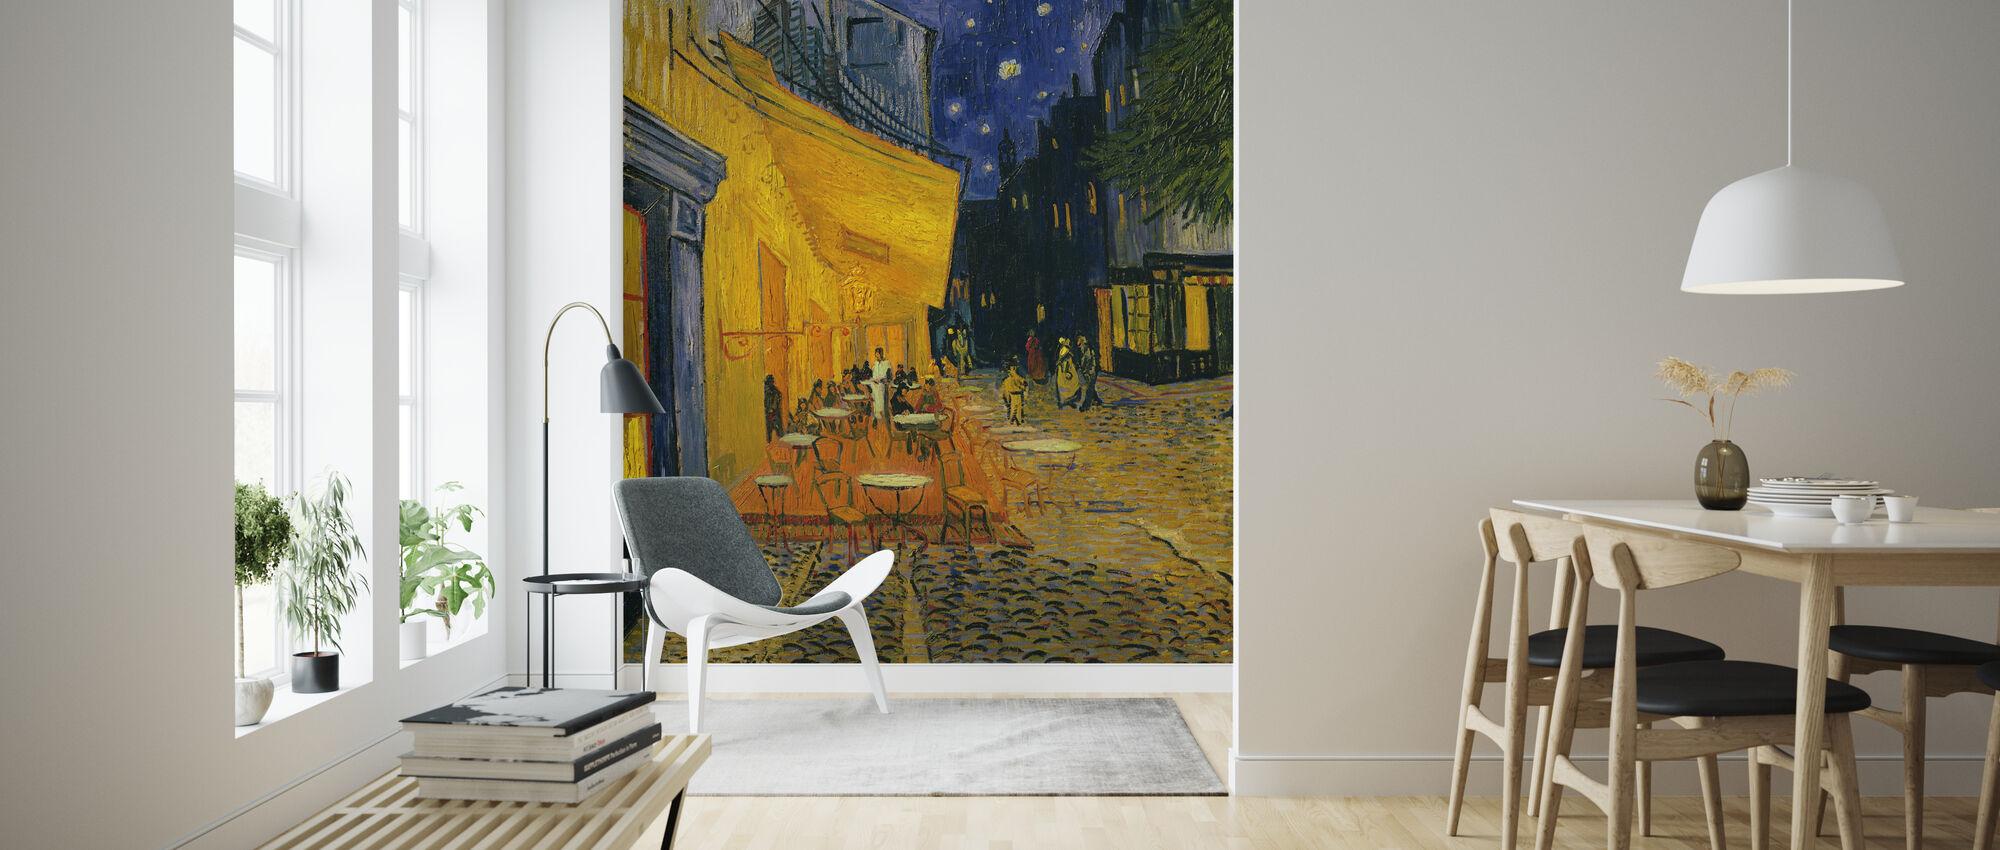 Cafe Terrace - Vincent van Gogh - Wallpaper - Living Room